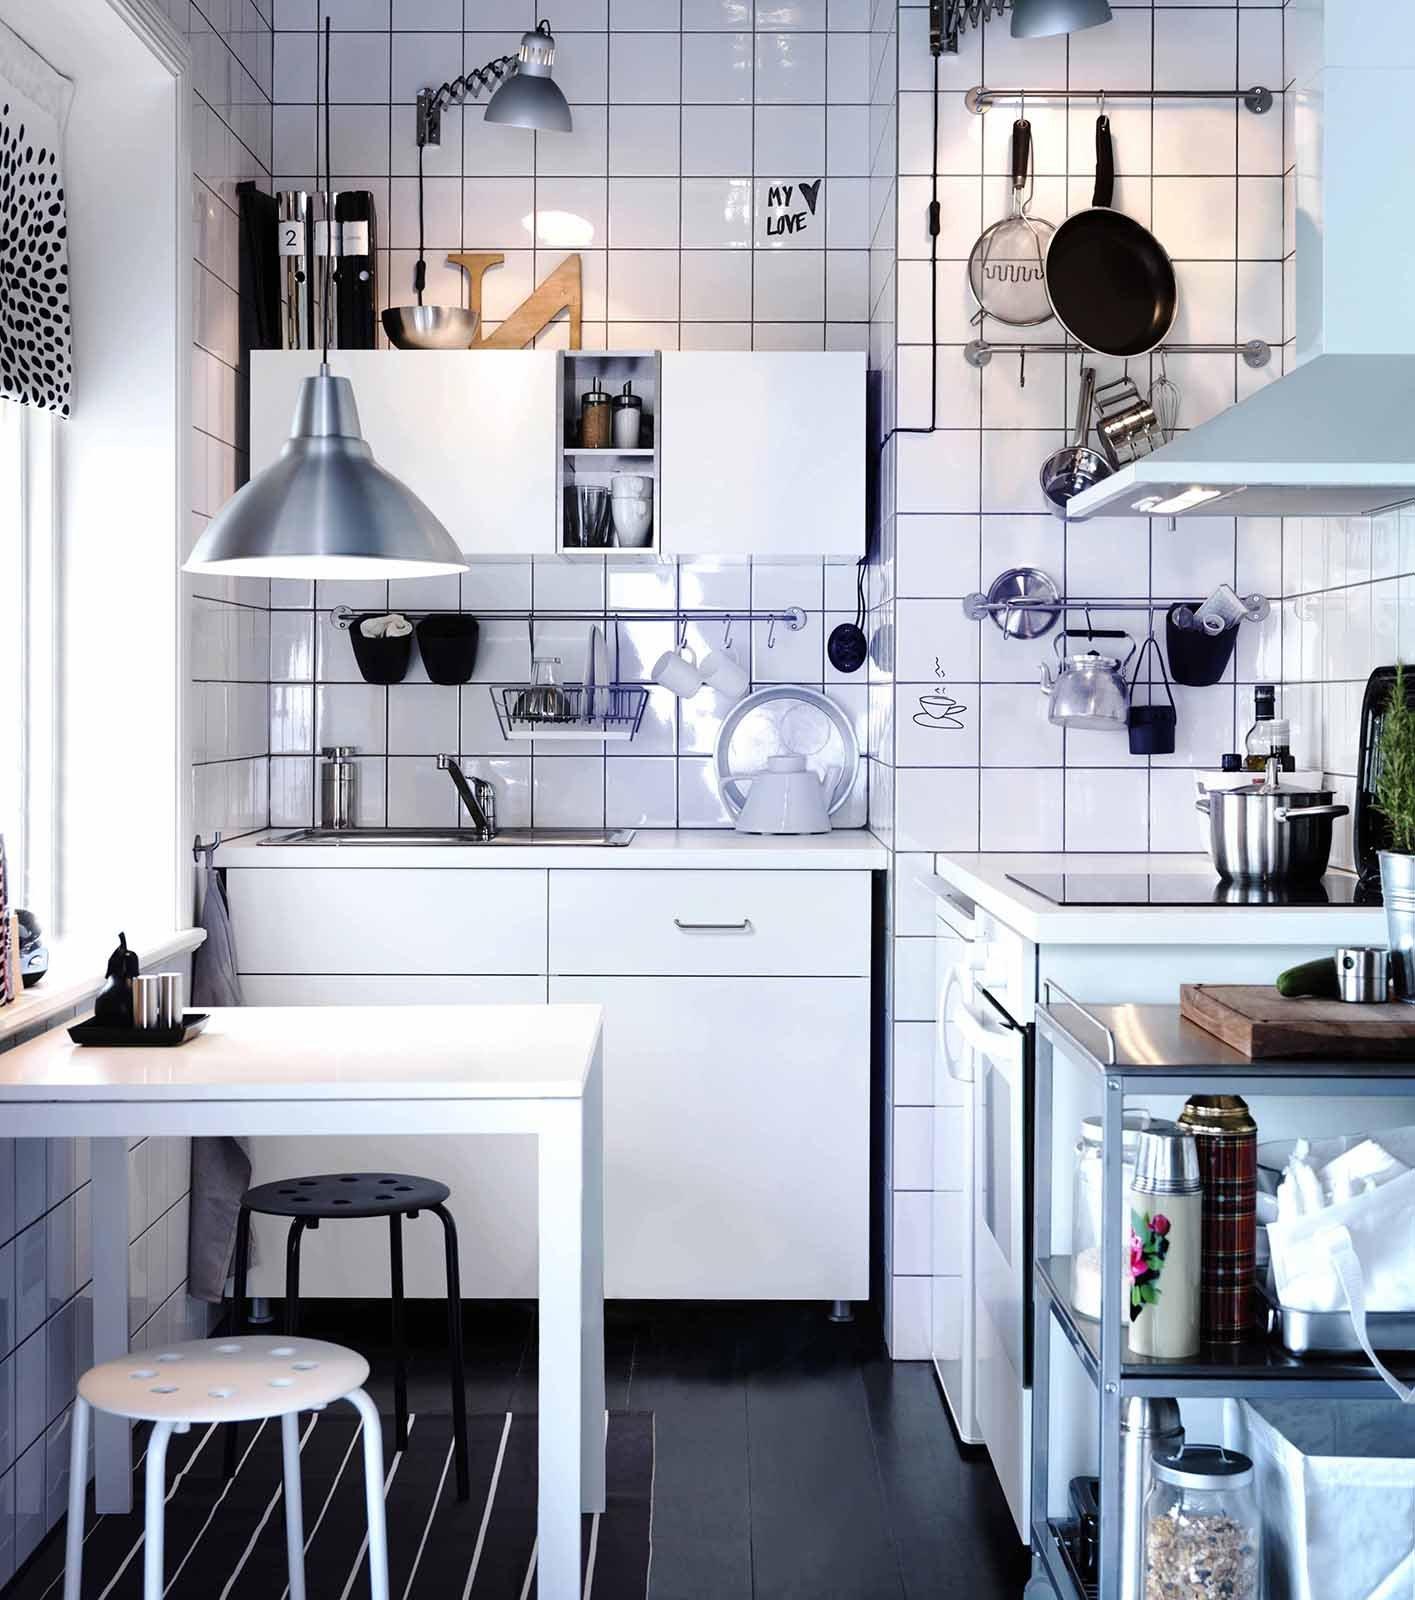 Cucina: la luce nel punto giusto - Cose di Casa